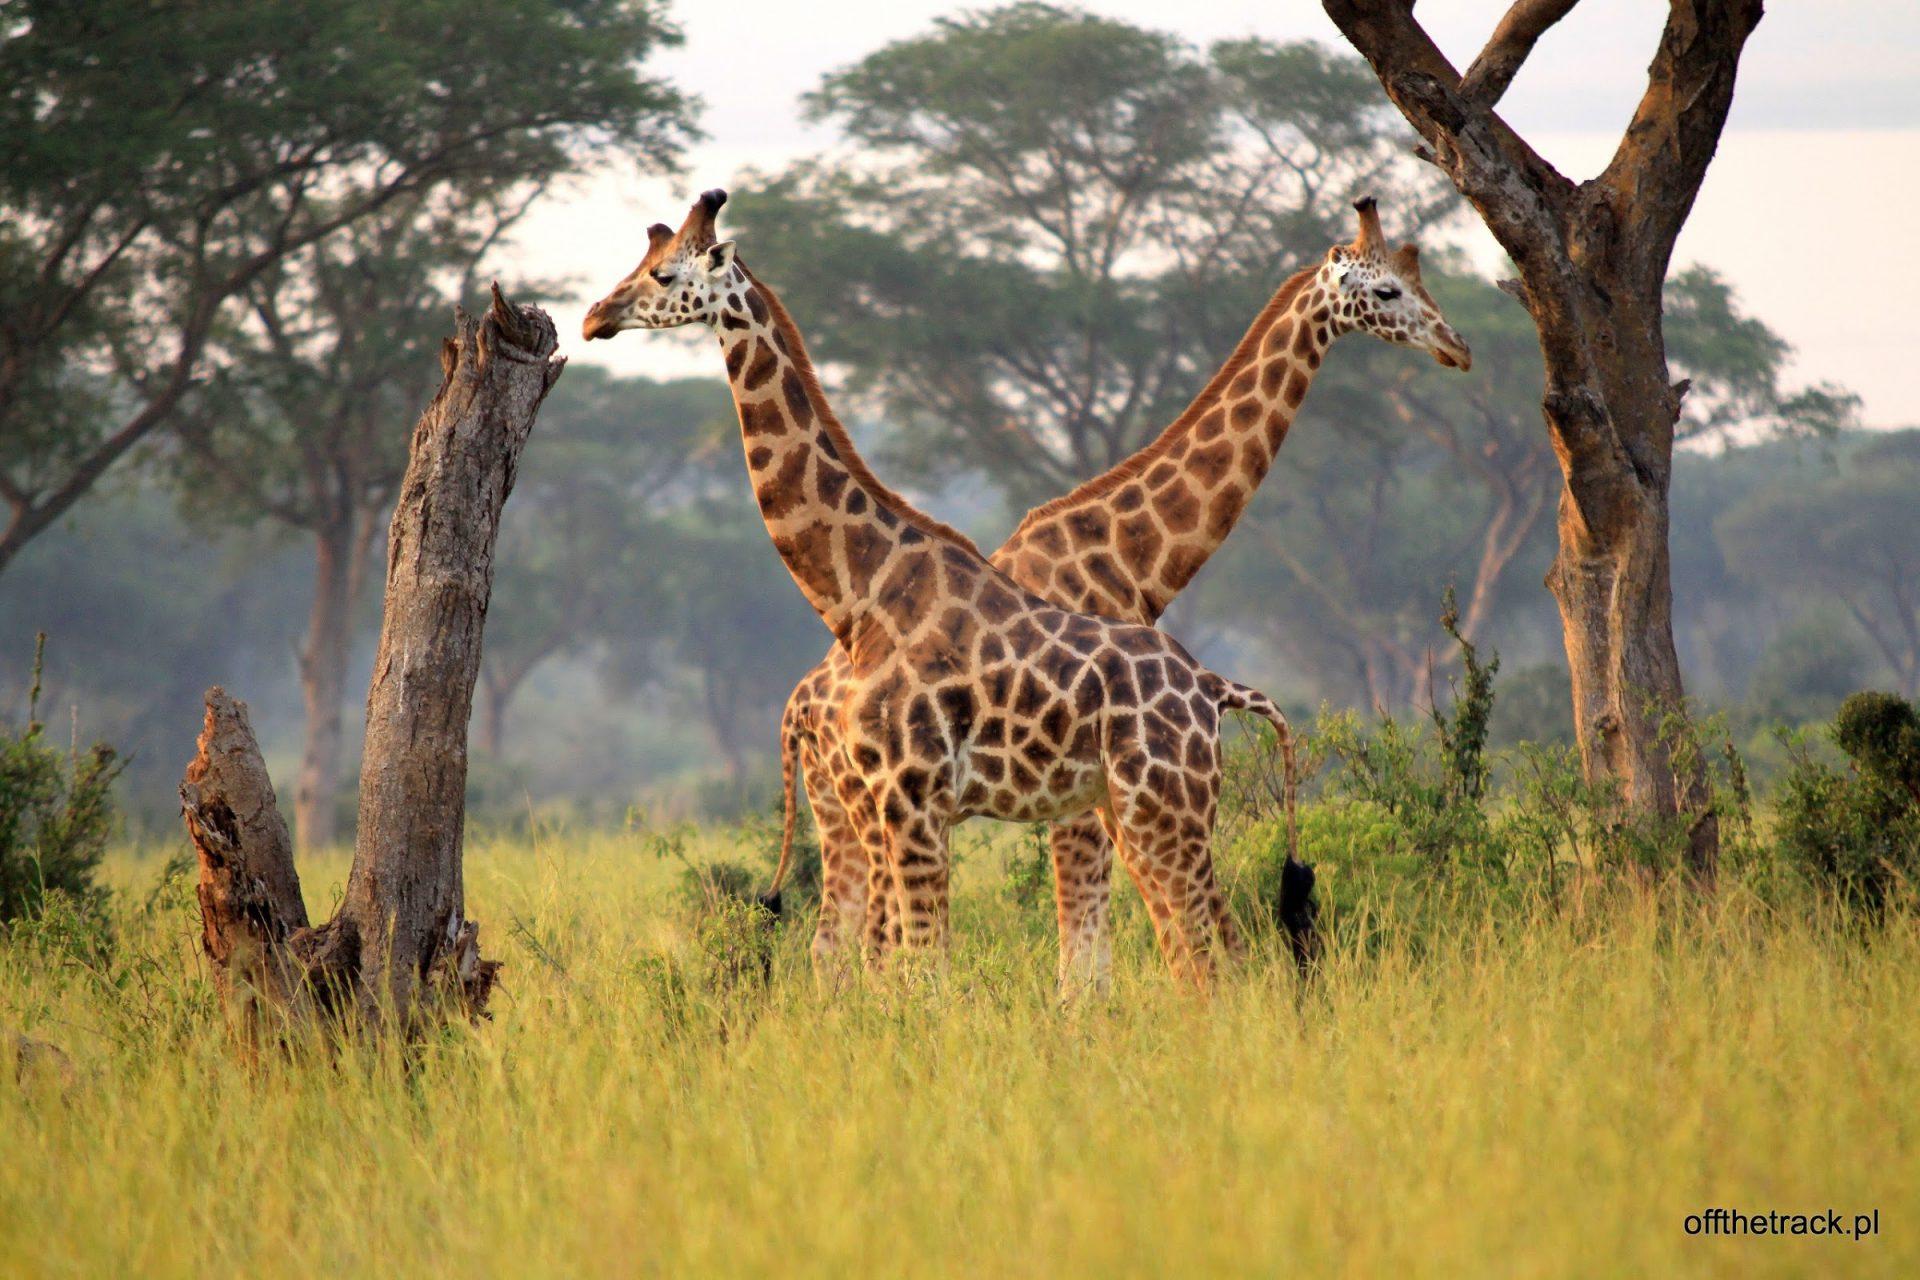 Safari w Parku Narodowym Murchison Falls w Ugandzie